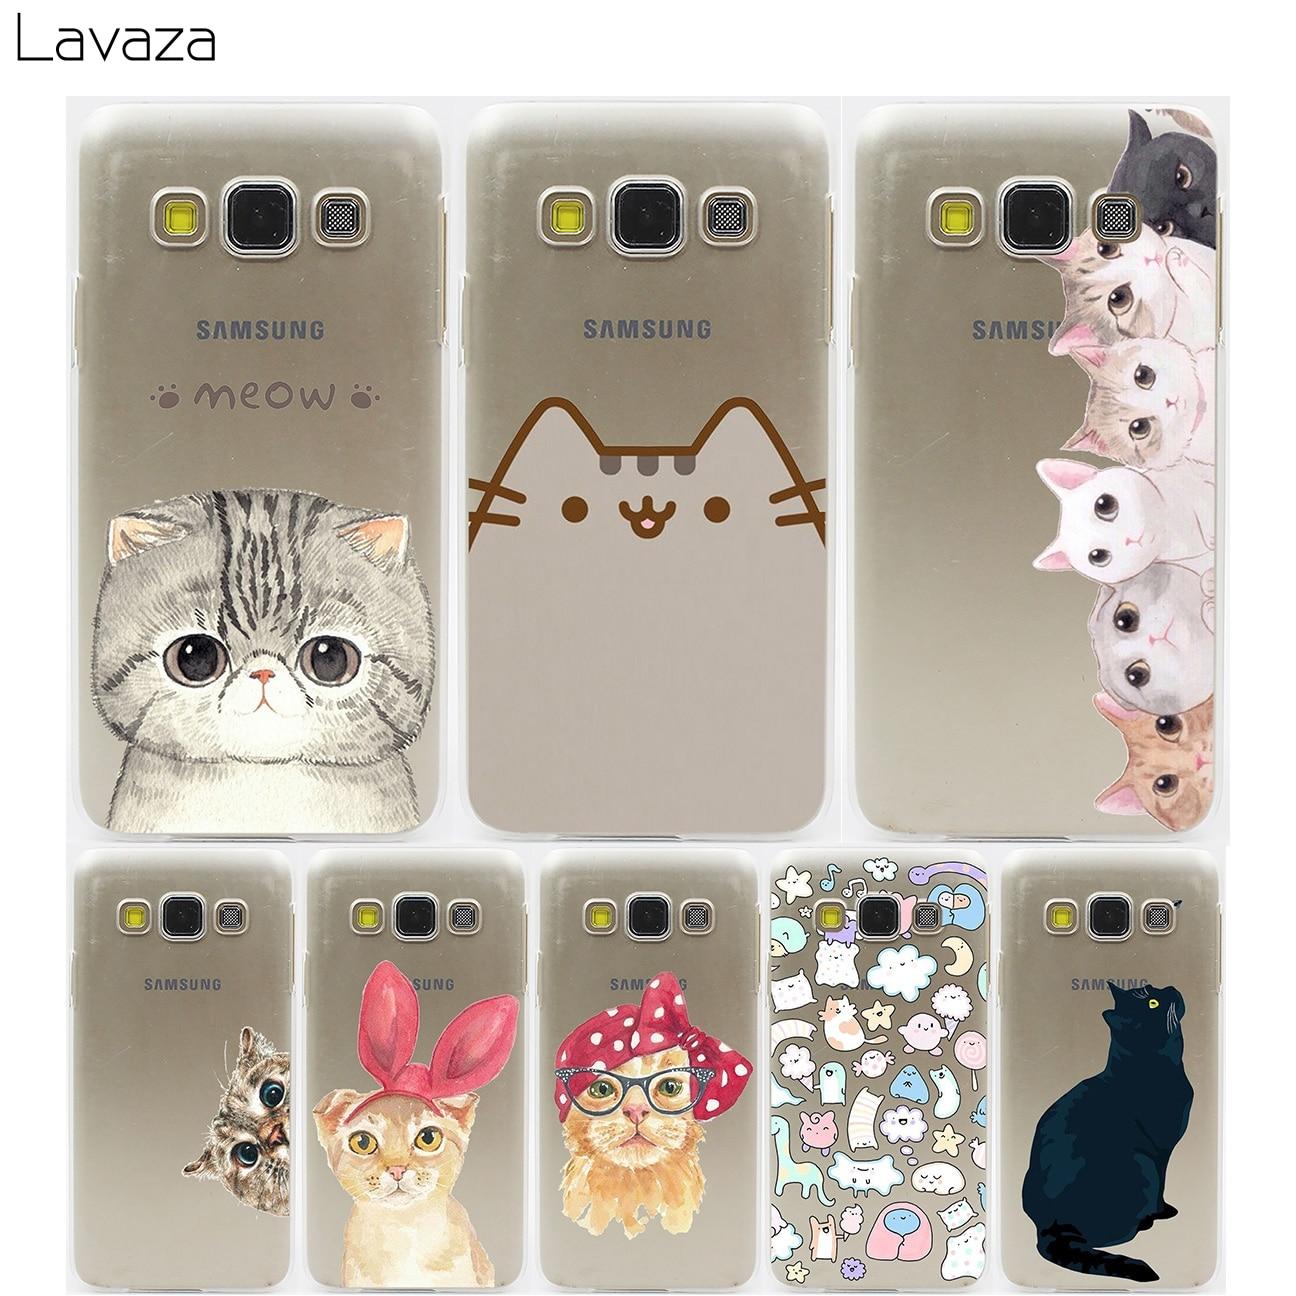 b83976159b4b21 Lavaza Mignon Chat avec Étui à Lunettes pour Samsung Galaxy A3 A5 A7 A8  2018 2017 2016 2015 Plus Note 2 3 4 5 8 Grand 2 premier